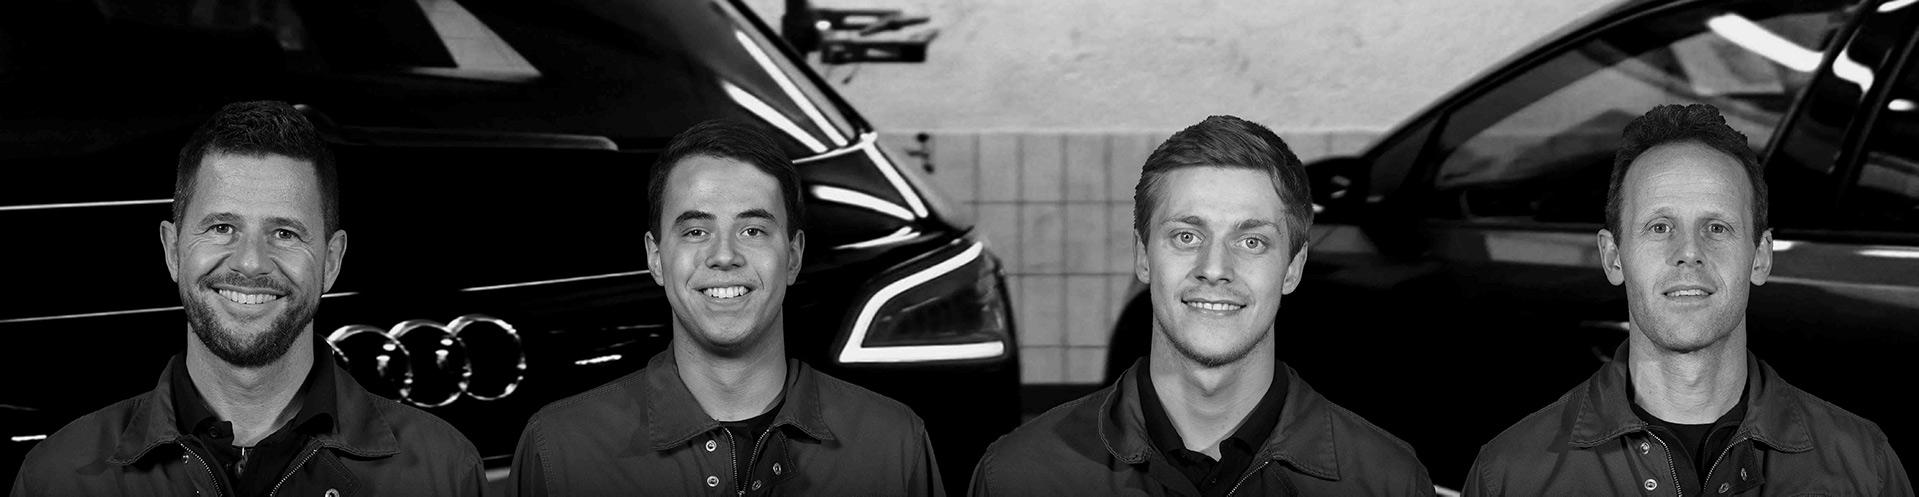 Team Auto Pletzer Werkstatt